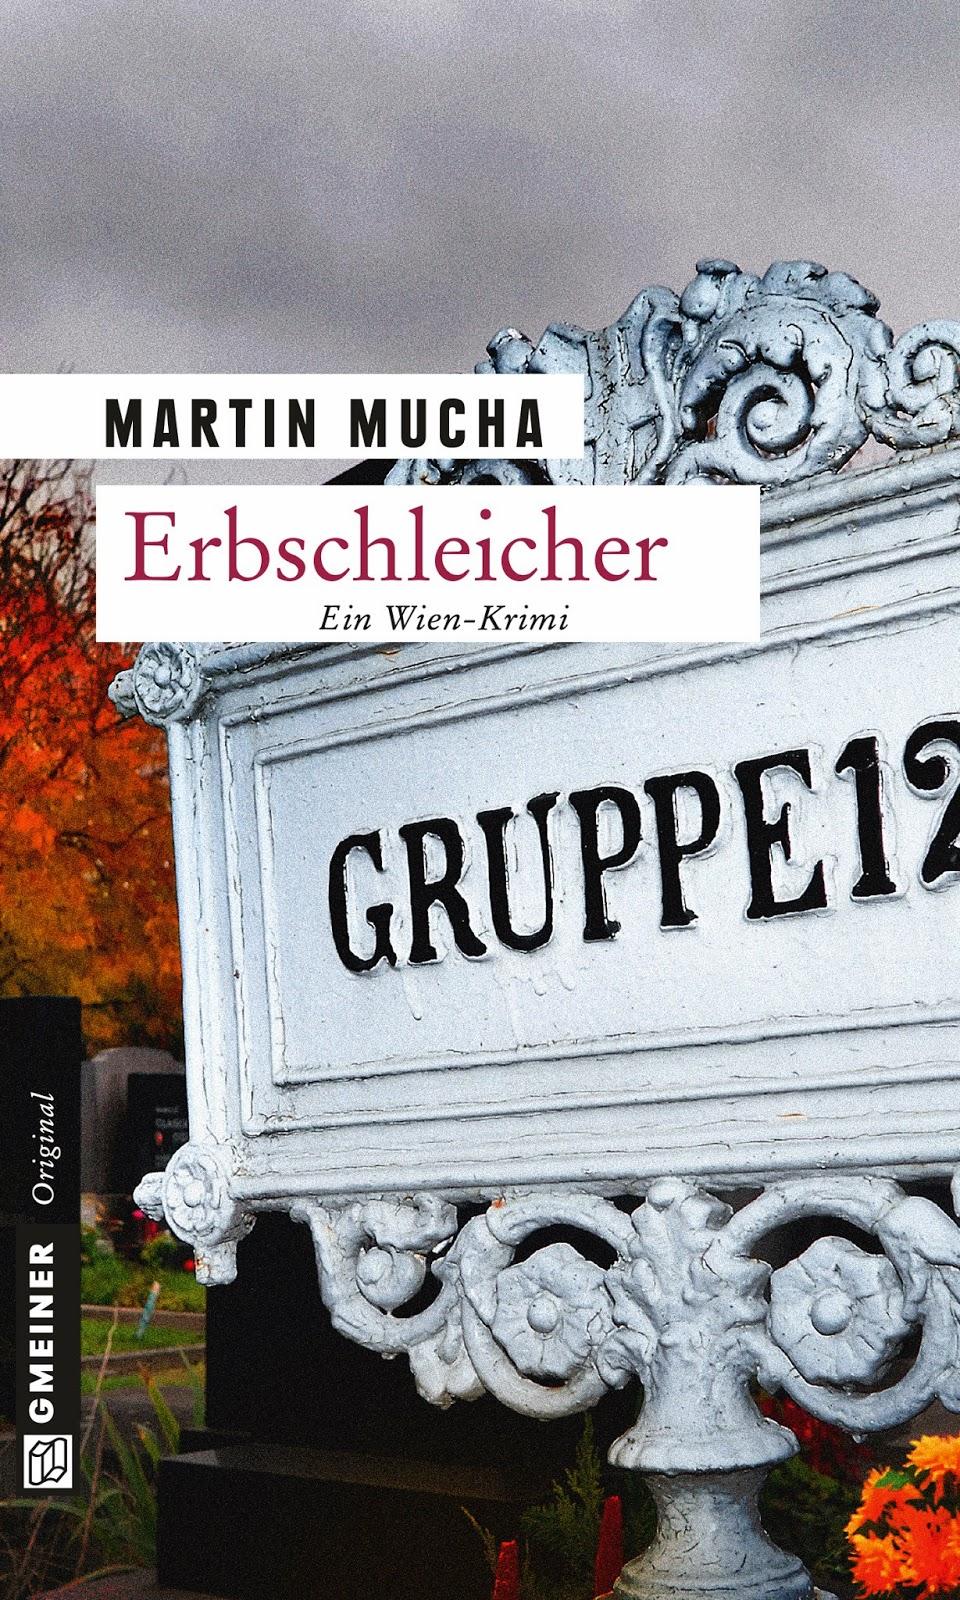 http://www.amazon.de/Erbschleicher-Martin-Mucha/dp/3839215307/ref=sr_1_4?ie=UTF8&qid=1389465405&sr=8-4&keywords=erbschleicher